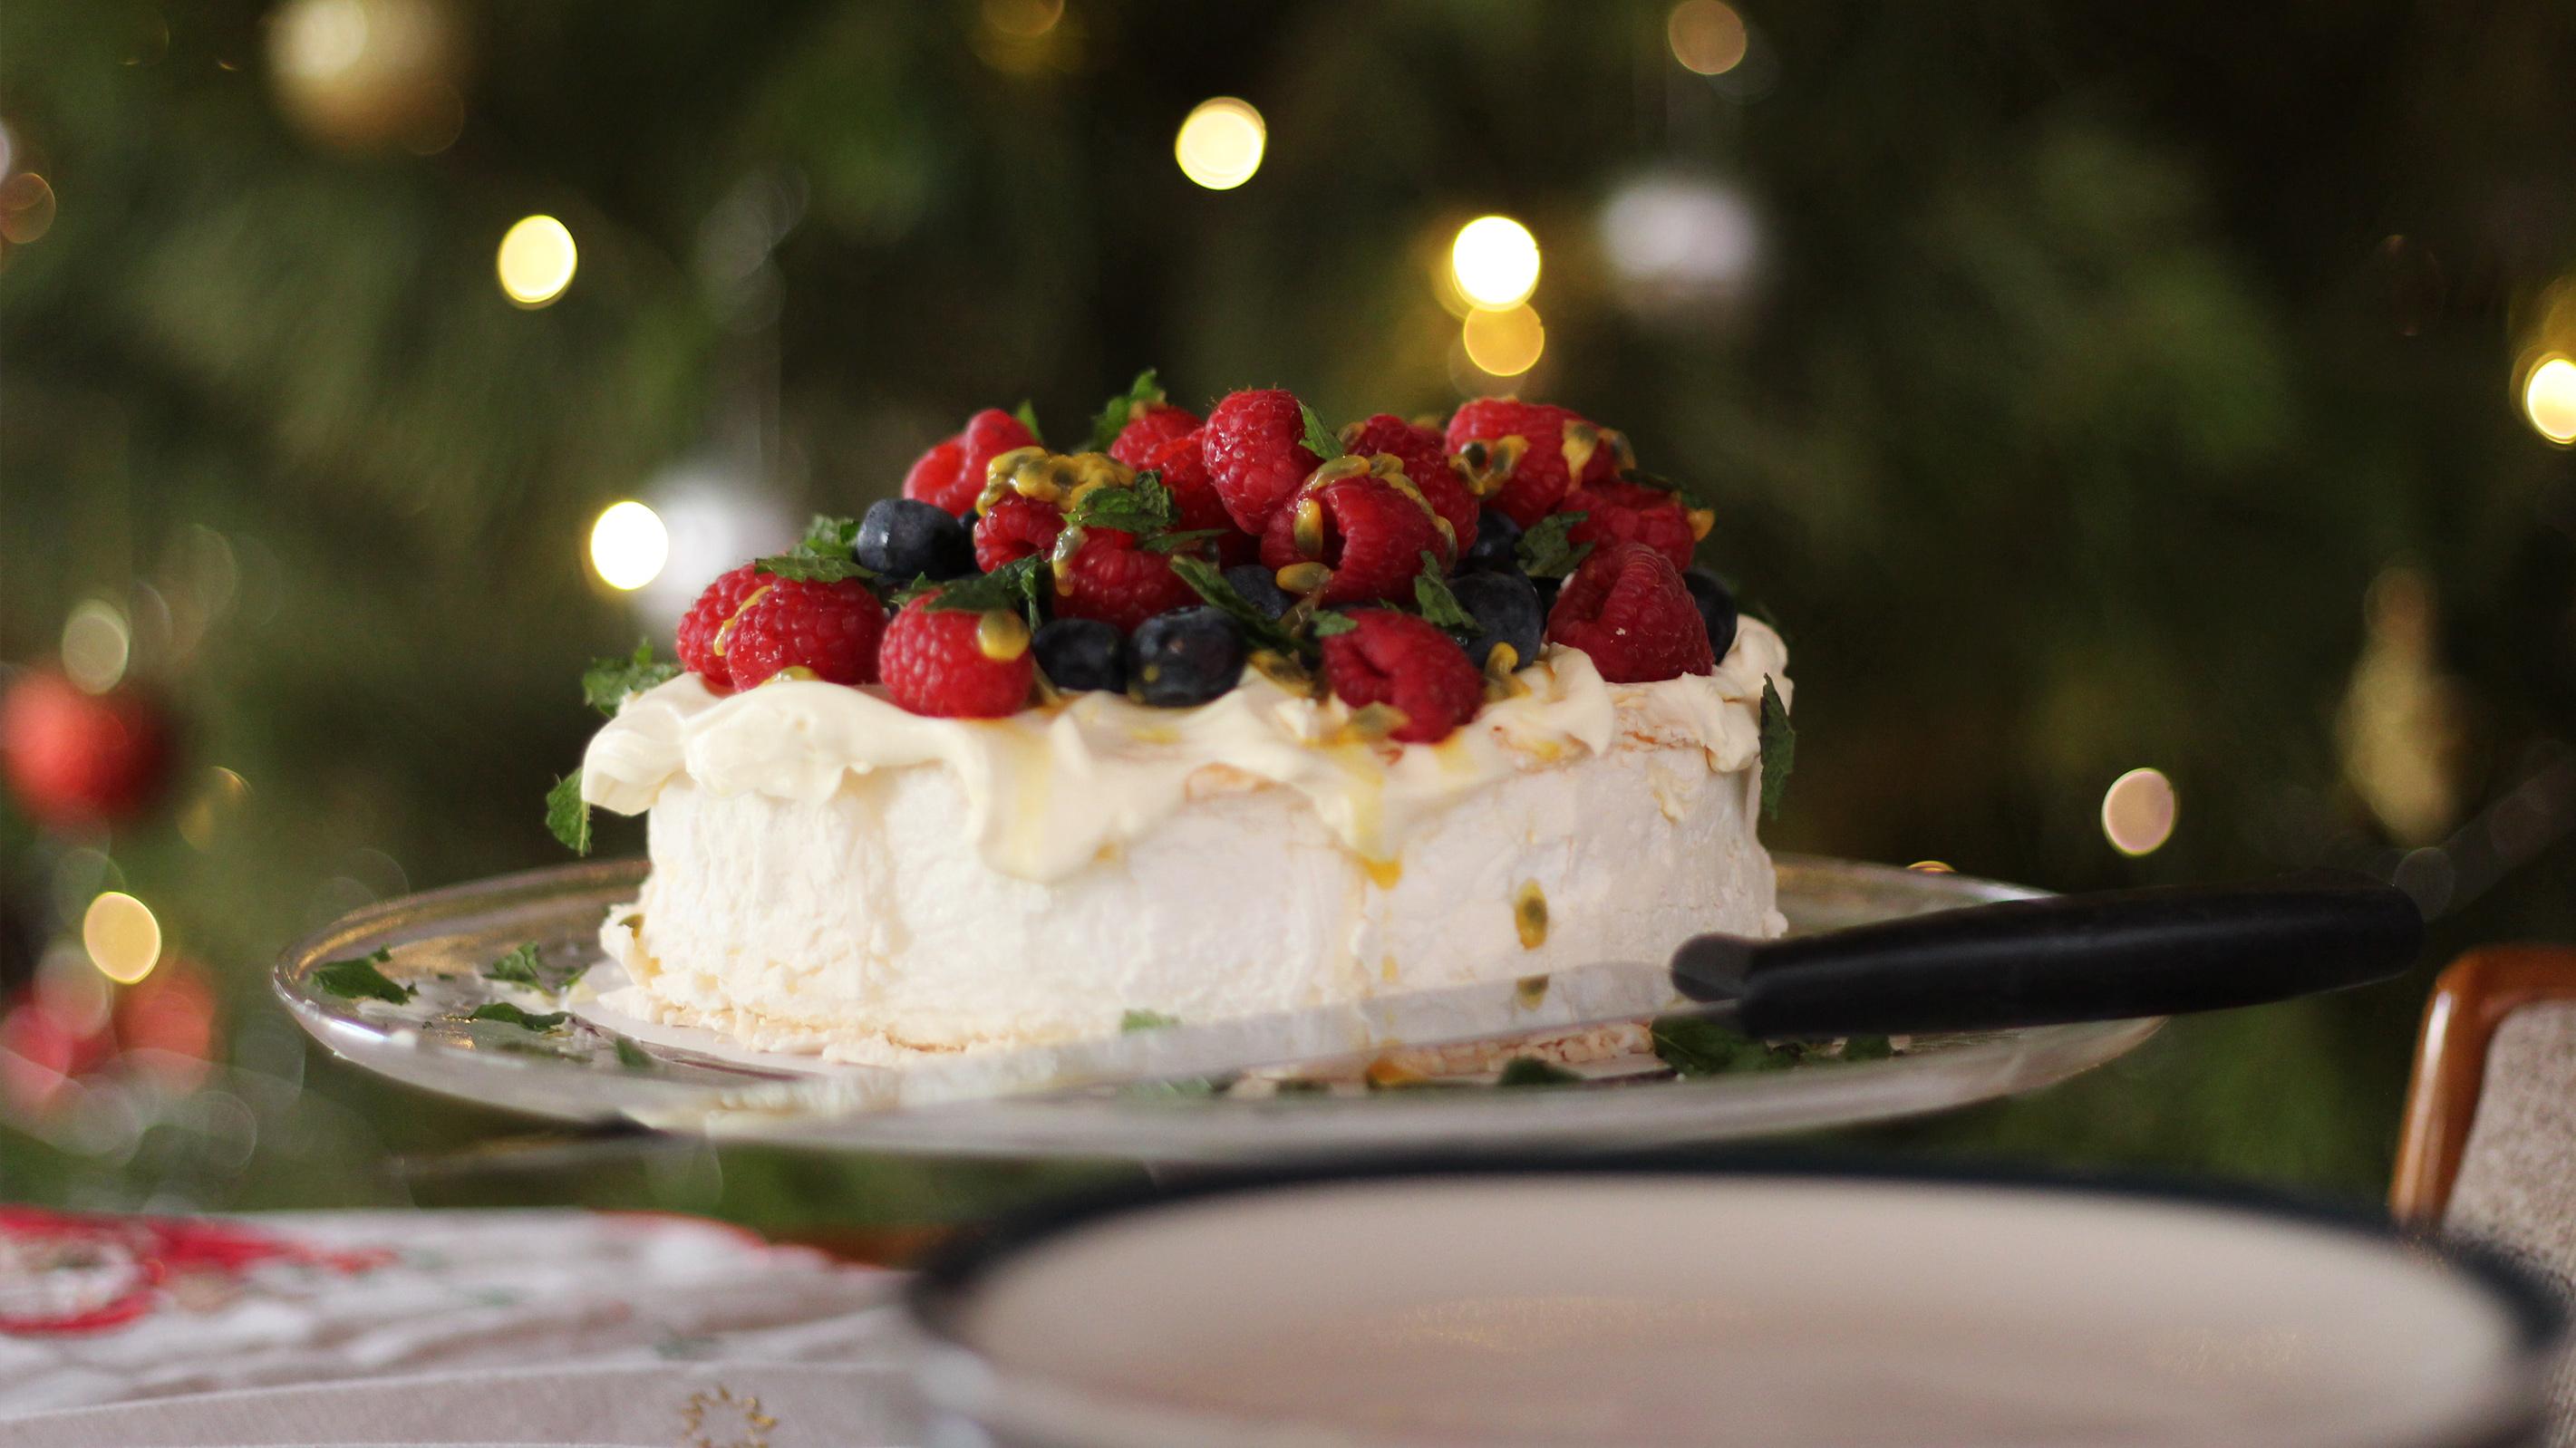 Pavlova Baiser Torte am Weihnachtsfeiertag